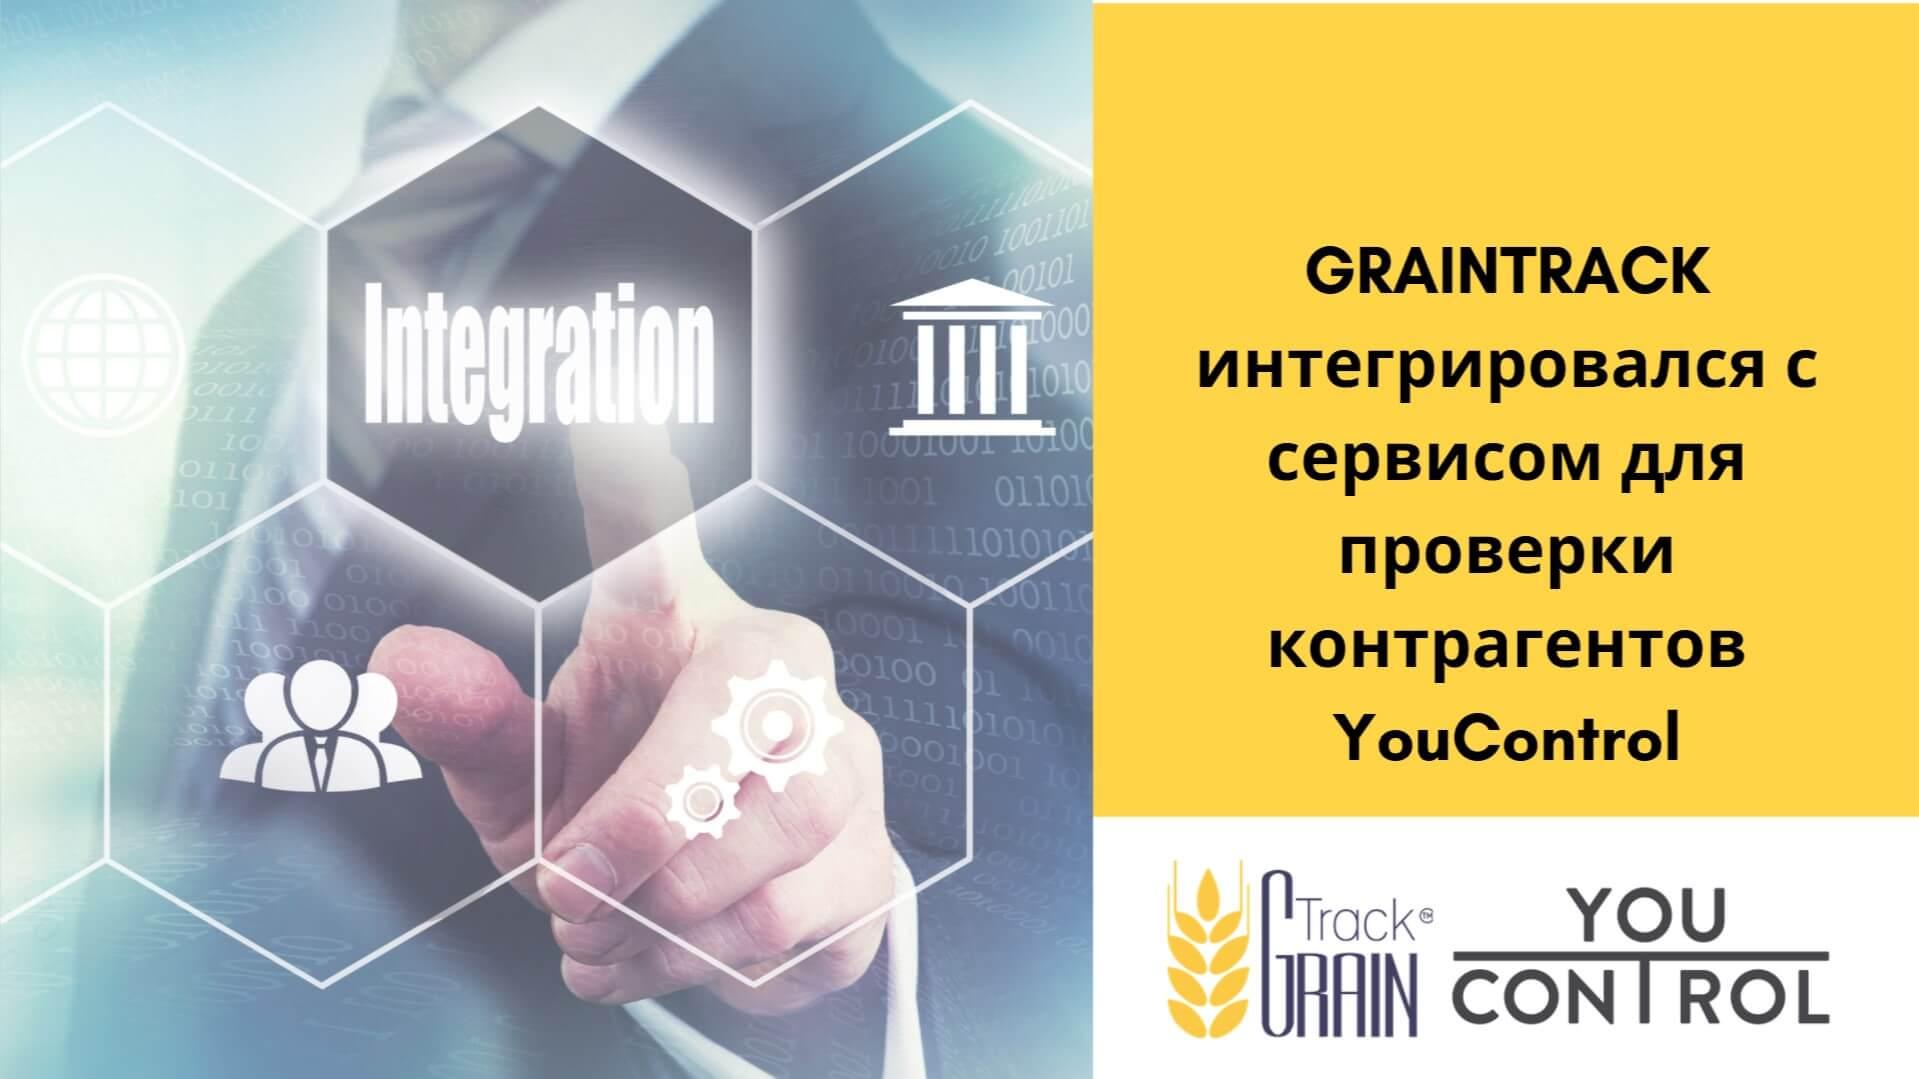 GrainTrack интегрировался с онлайн сервисом для проверки контрагентов YouControl